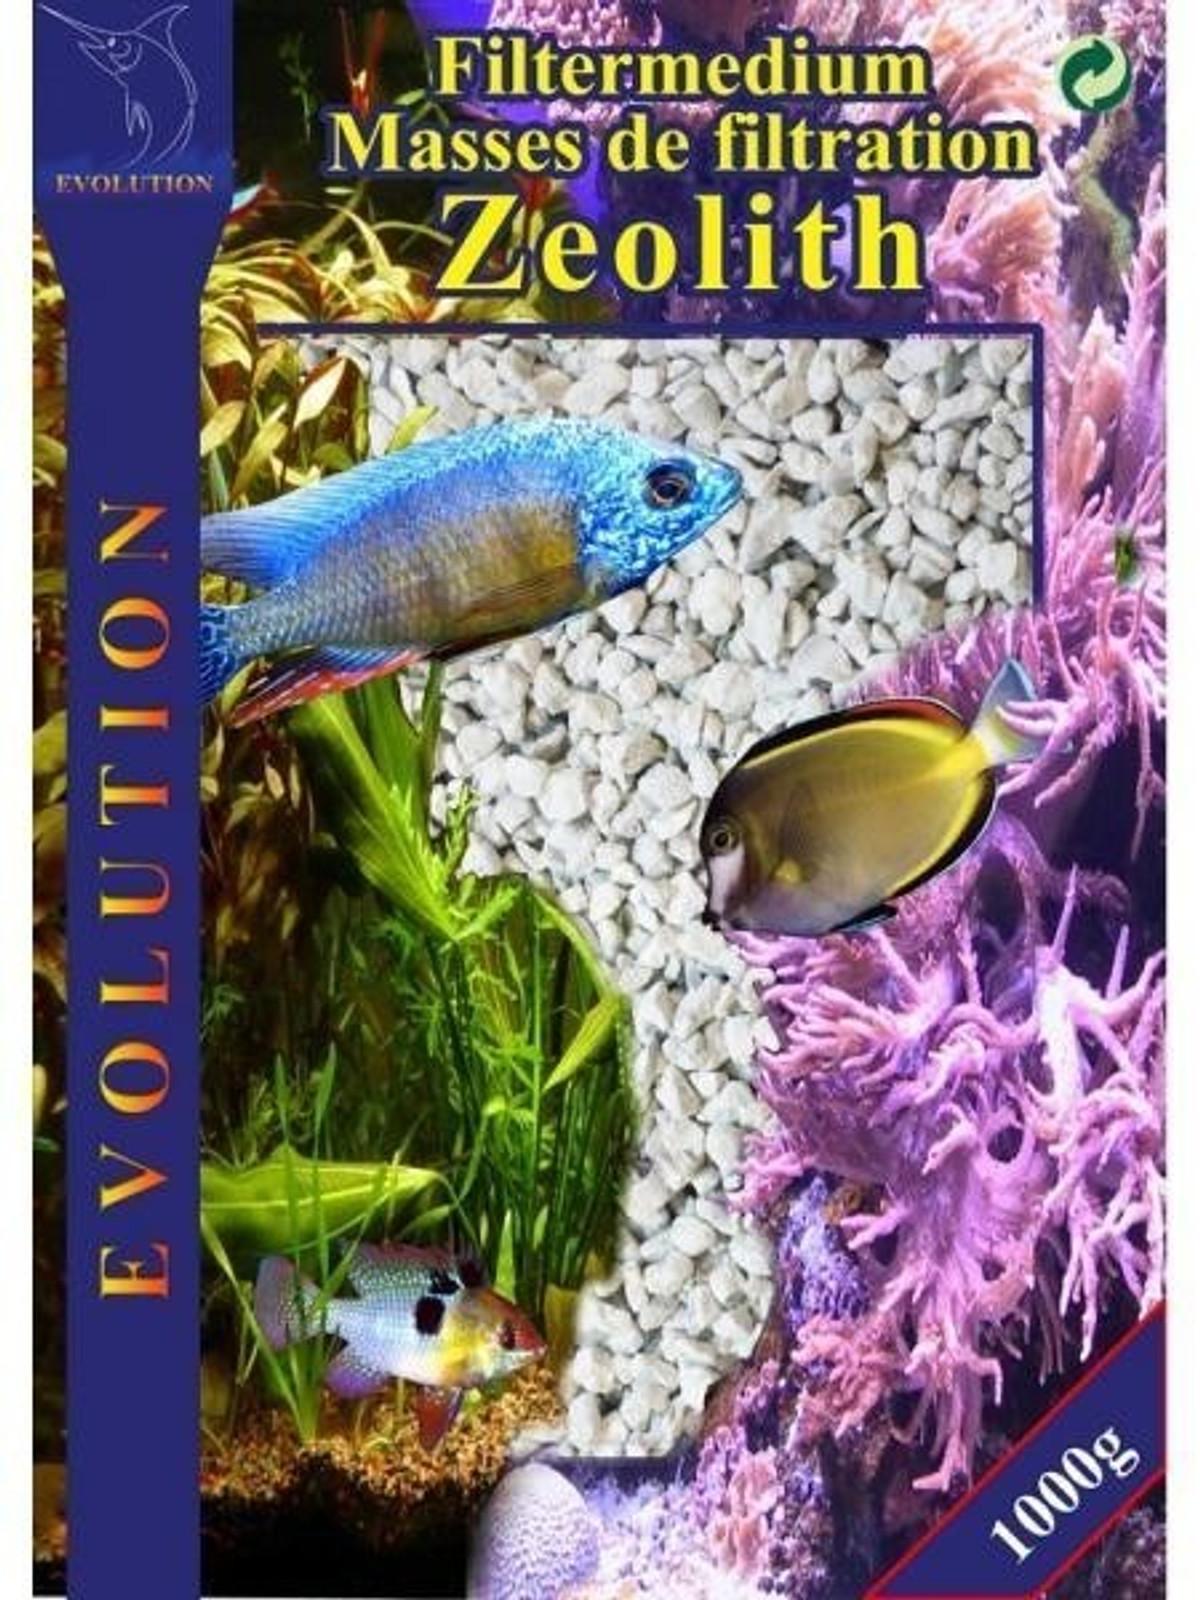 Zeolith 3 - 5 mm im Netzbeutel 1.000 g